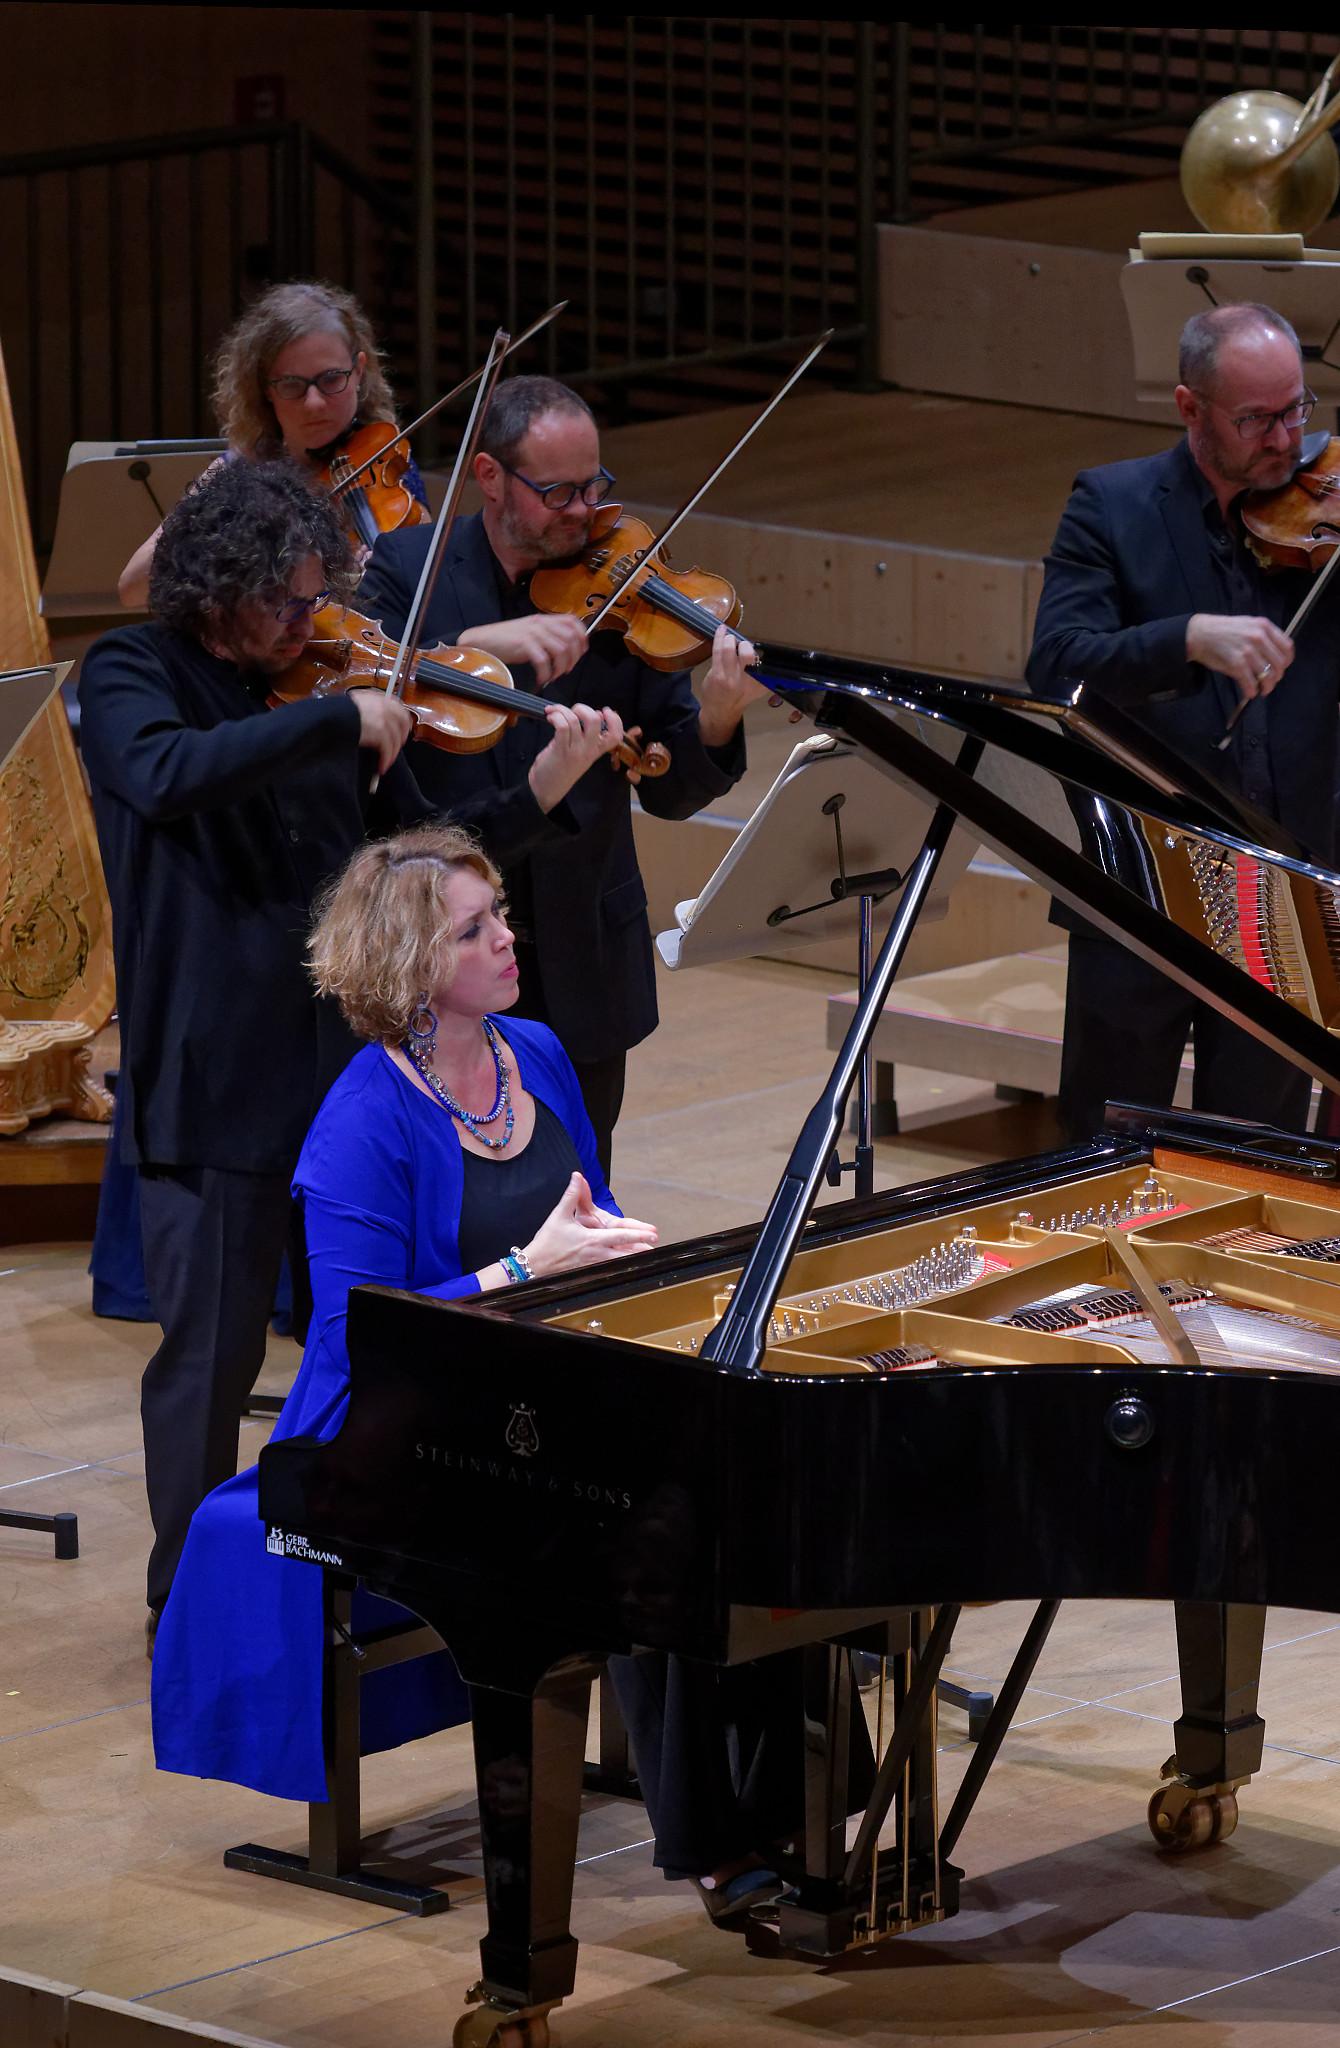 Gabriela Montero, Daniel Bard, Kammerorchester Basel @ Zurich, 2019-11-12 (© Rolf Kyburz)